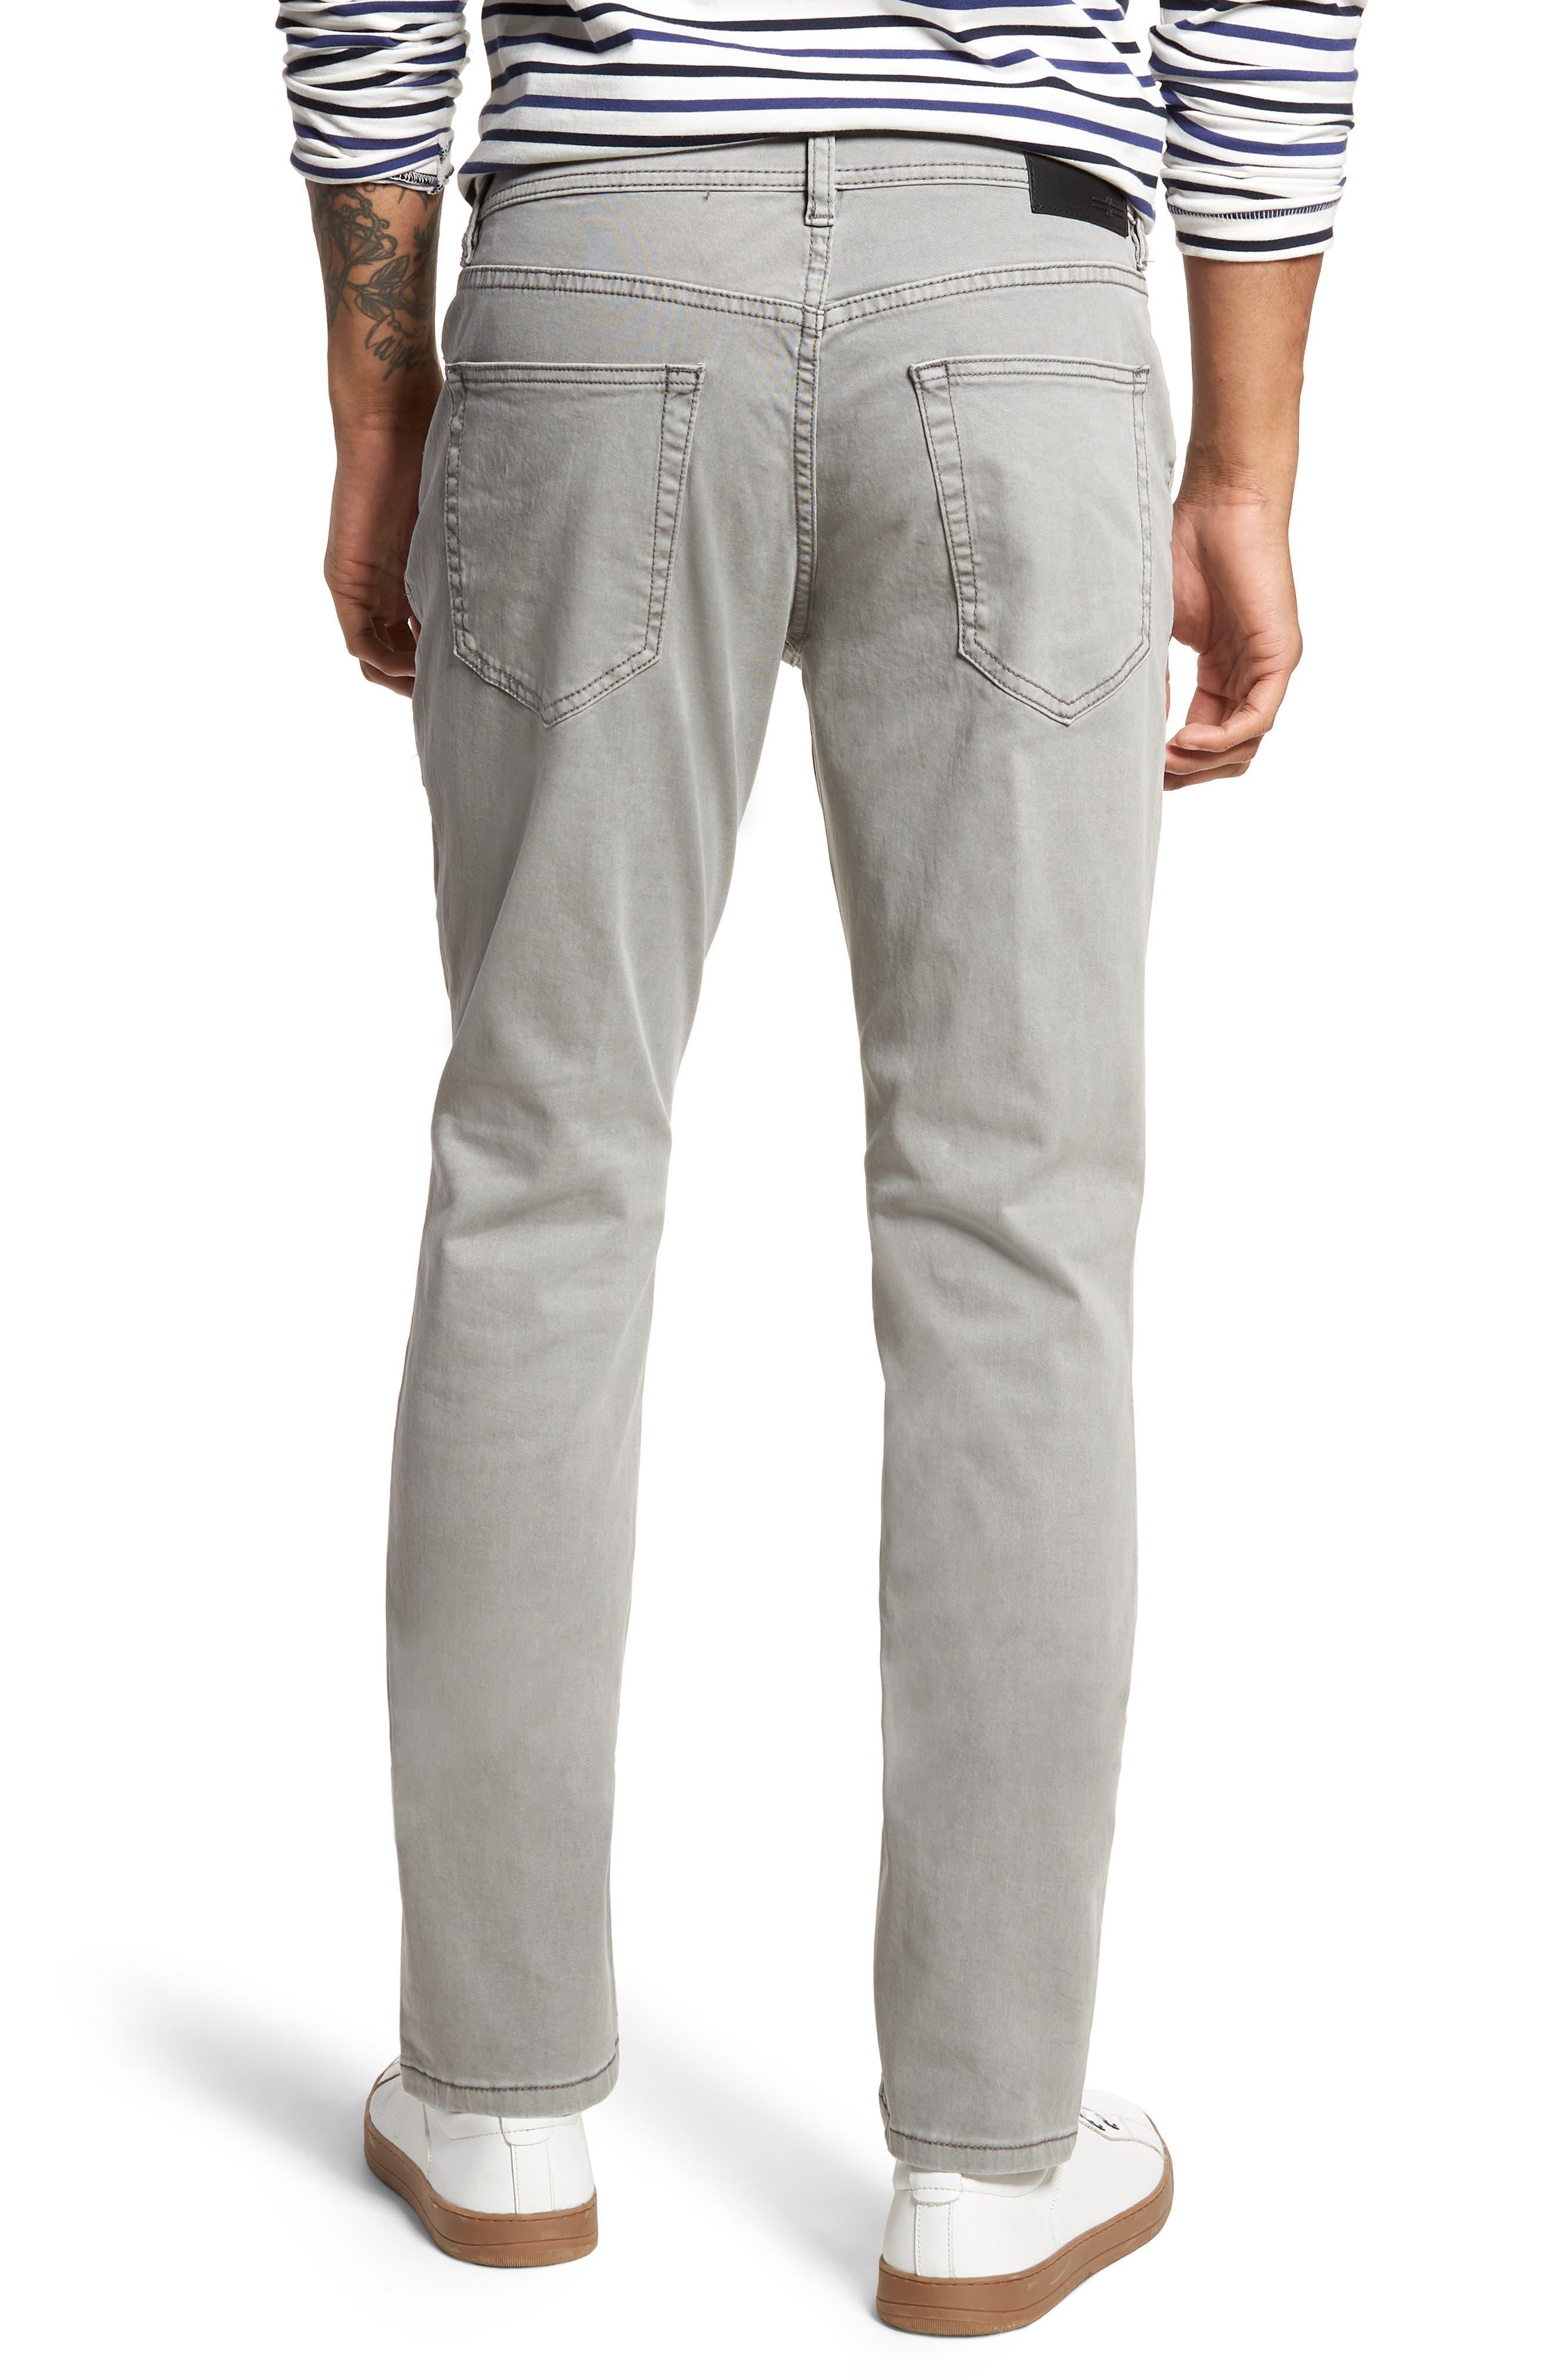 Jeans Co. Slim Straight Leg Jeans,                             Alternate thumbnail 2, color,                             SHARKSKIN